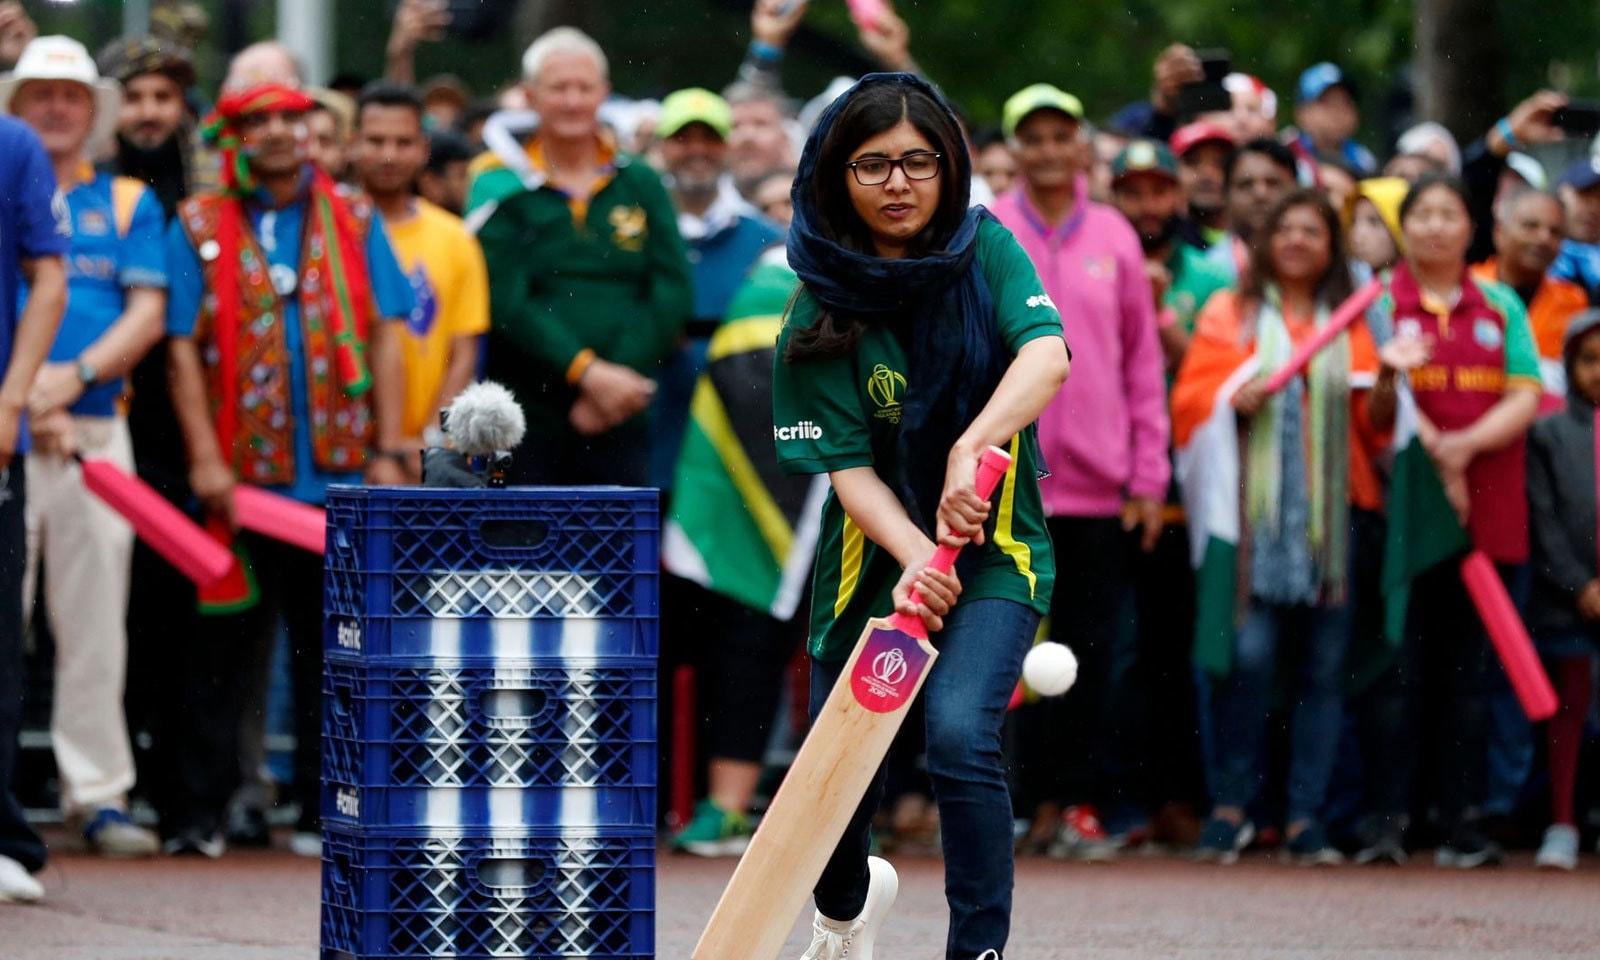 پاکستان کی جانب سے اظہر علی اور ملالہ یوسف زئی نے 60 سیکنڈز میں 38 رنز بنائے — فوٹو: آئی سی سی